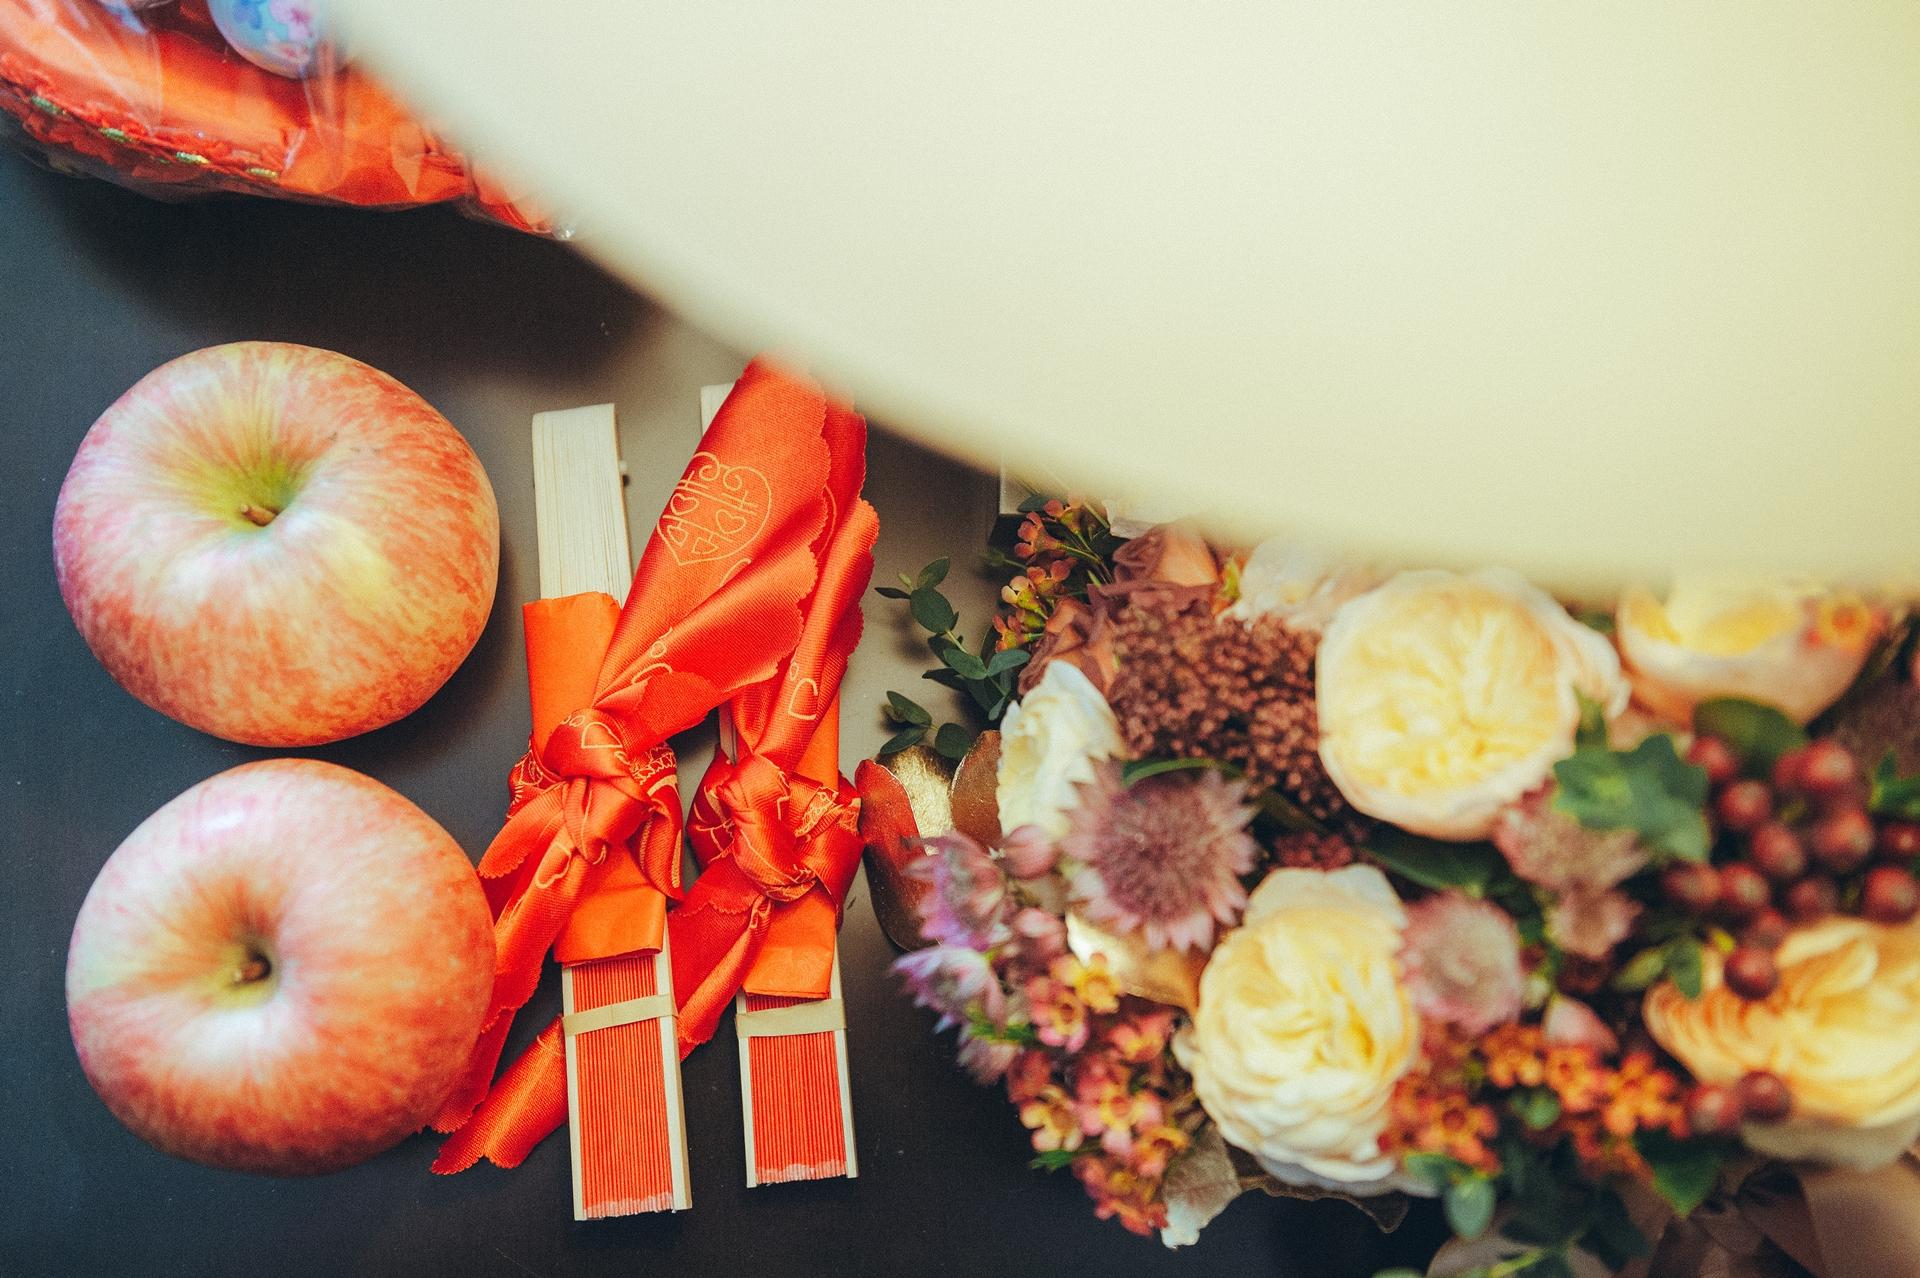 婚禮紀錄-Fountain] 2019.10.12-大溪笠復威斯汀度假酒店 小橋流水餐廳